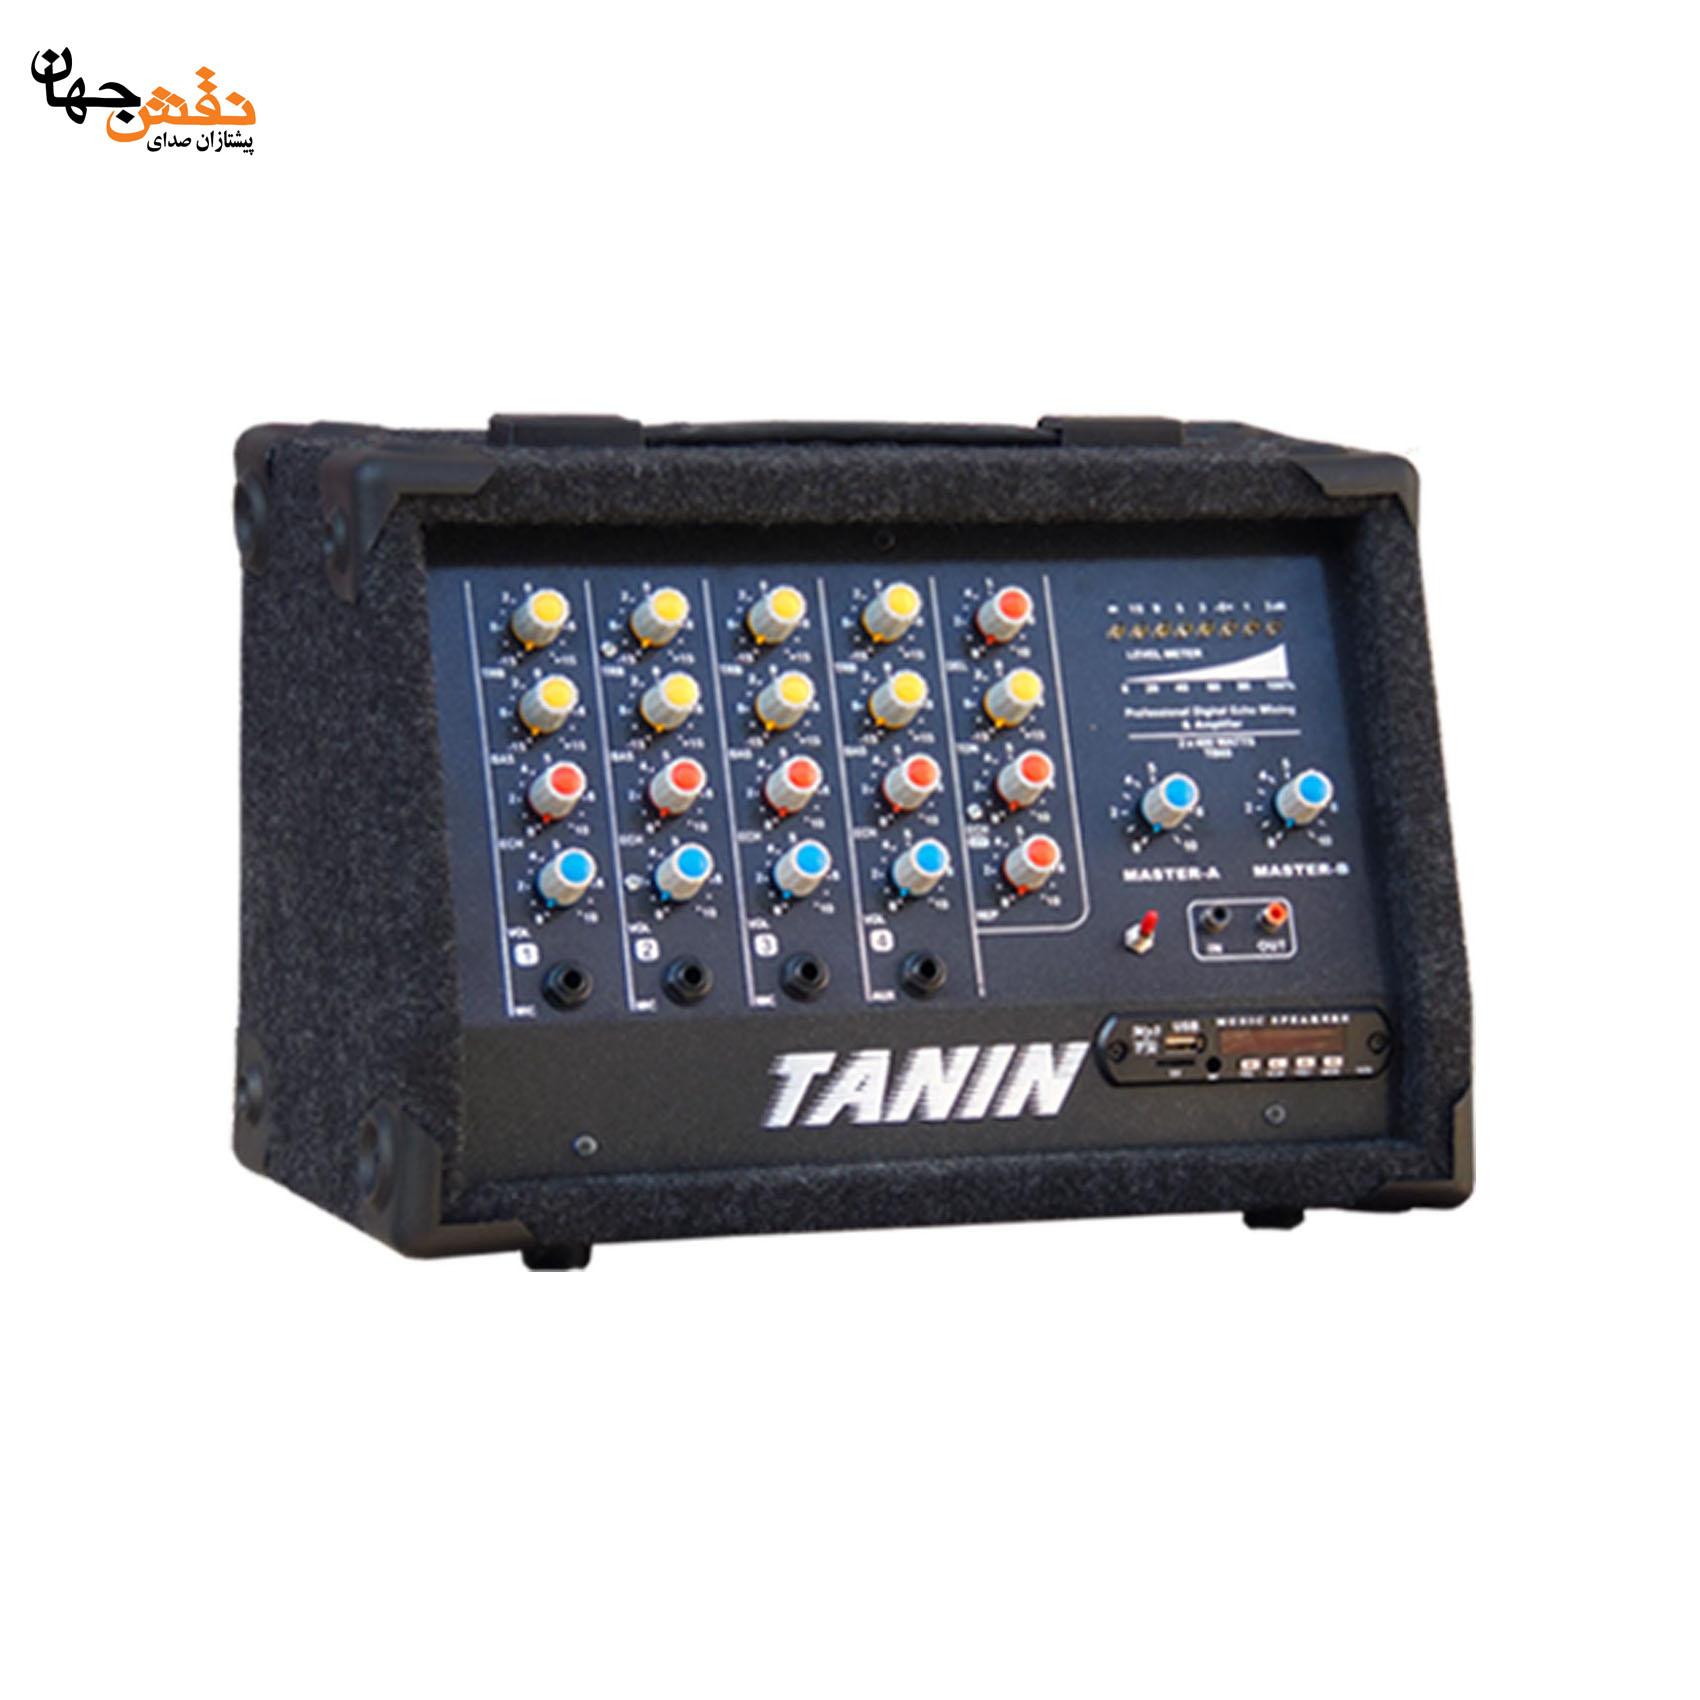 اکو آمپلی فایر طنین مدل ۸۰۰ وات | Tanin 800W Echo Amplifier